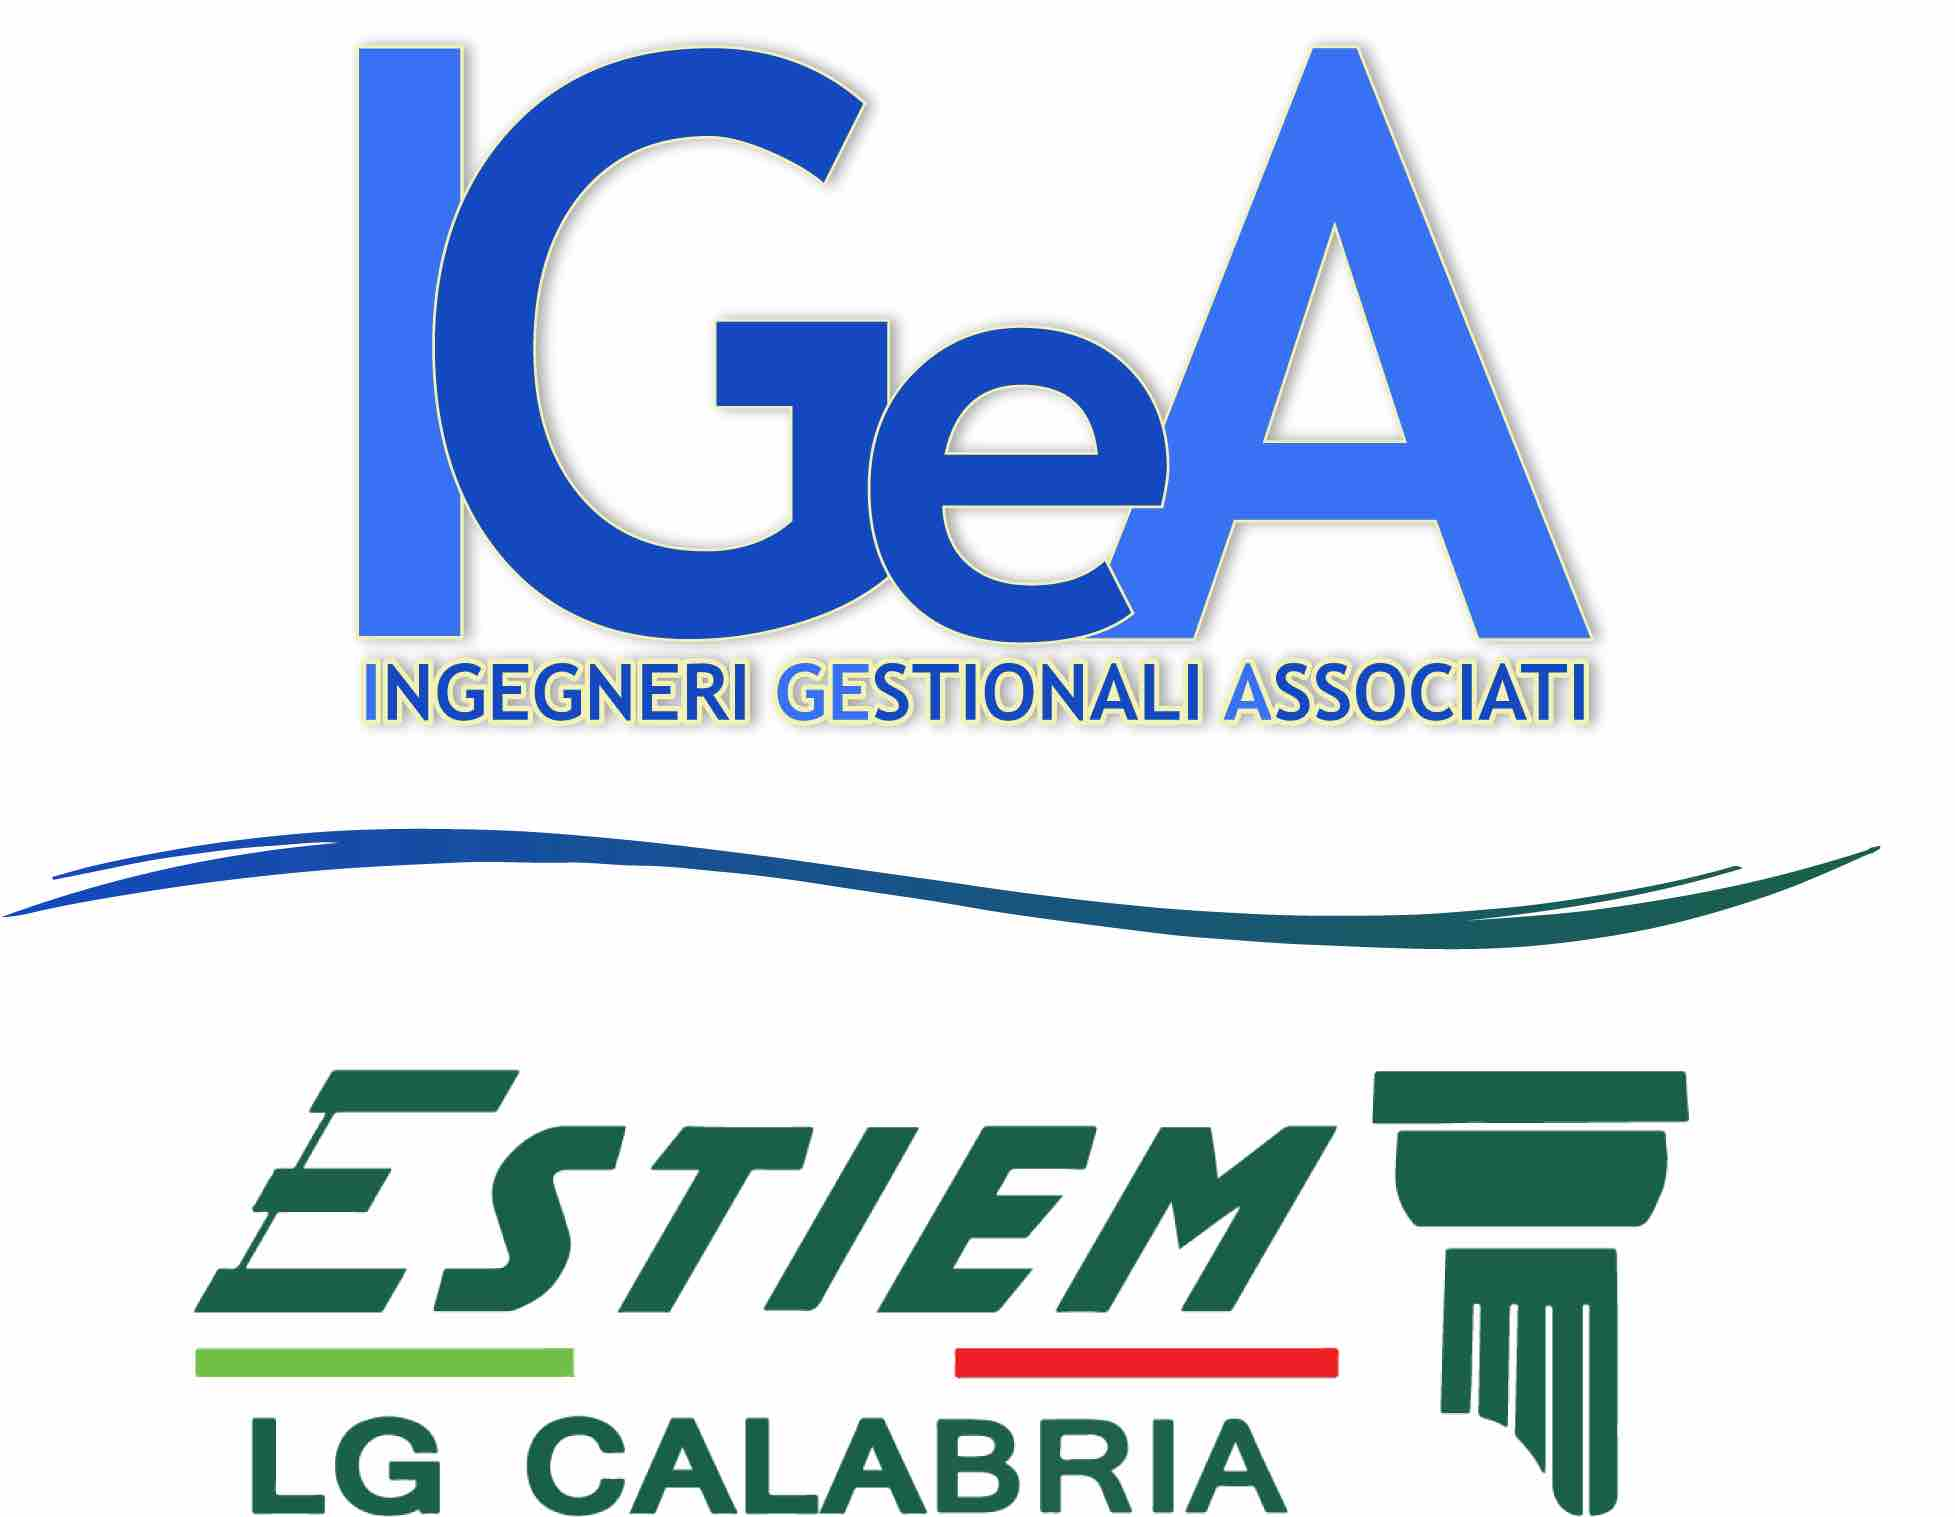 LOGO_IGEA_ESTIEM_CALABRIA